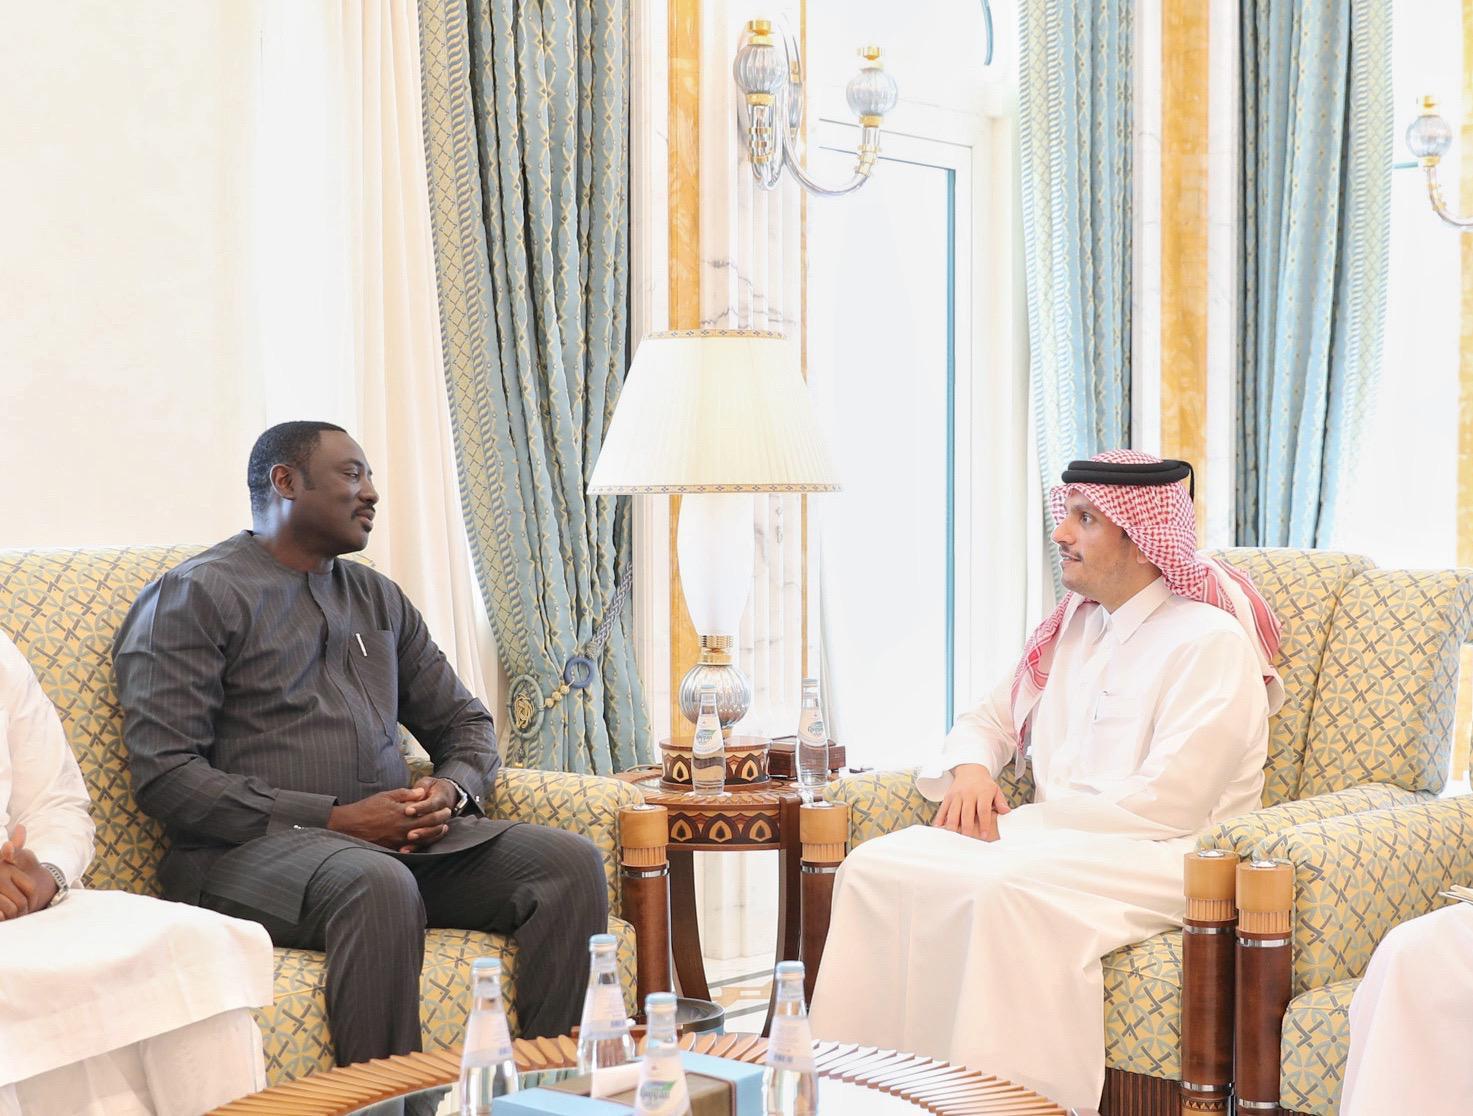 نائب رئيس مجلس الوزراء وزير الخارجية يجتمع مع وزير خارجية غامبيا